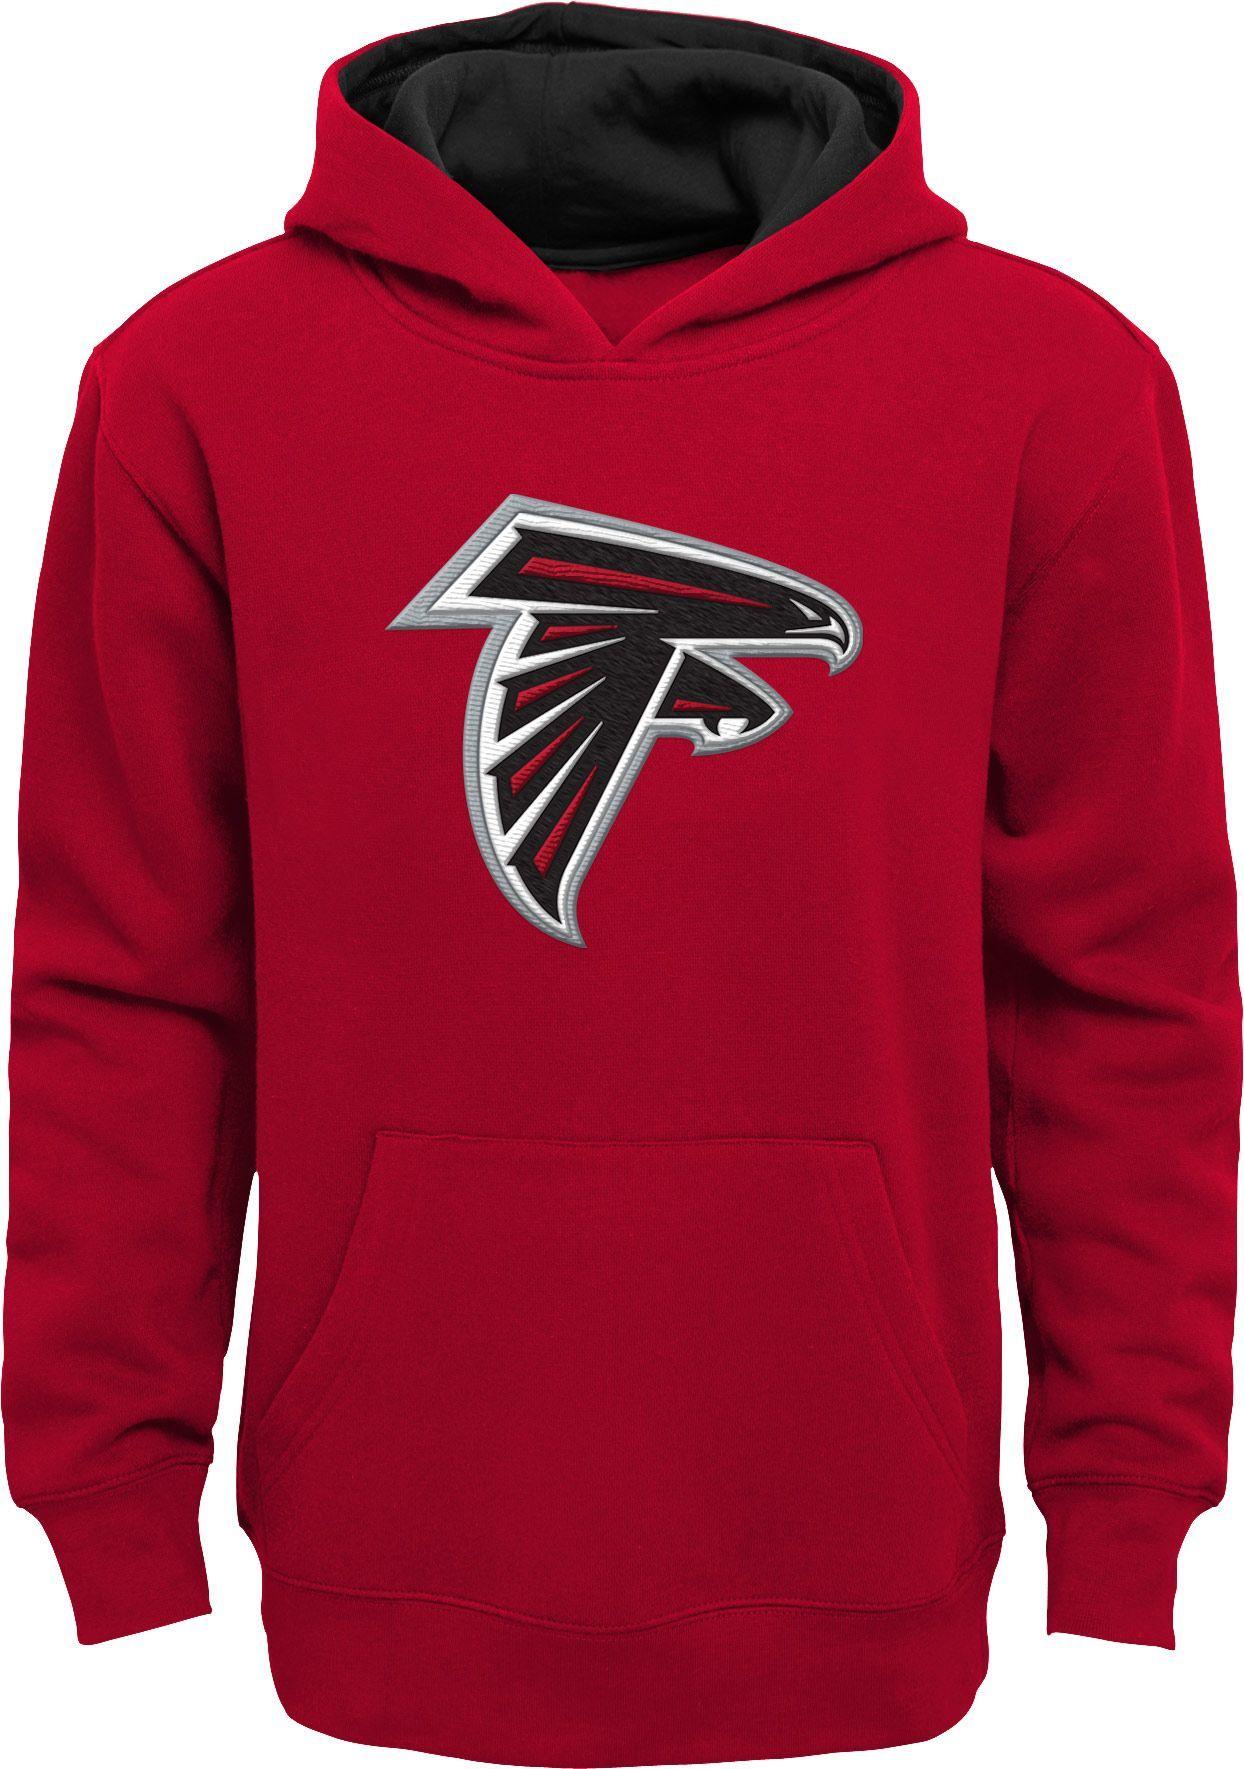 Team Apparel Youth Atlanta Prime Red Pullover Hoodie Atlanta Falcons Red Hoodie Hoodies